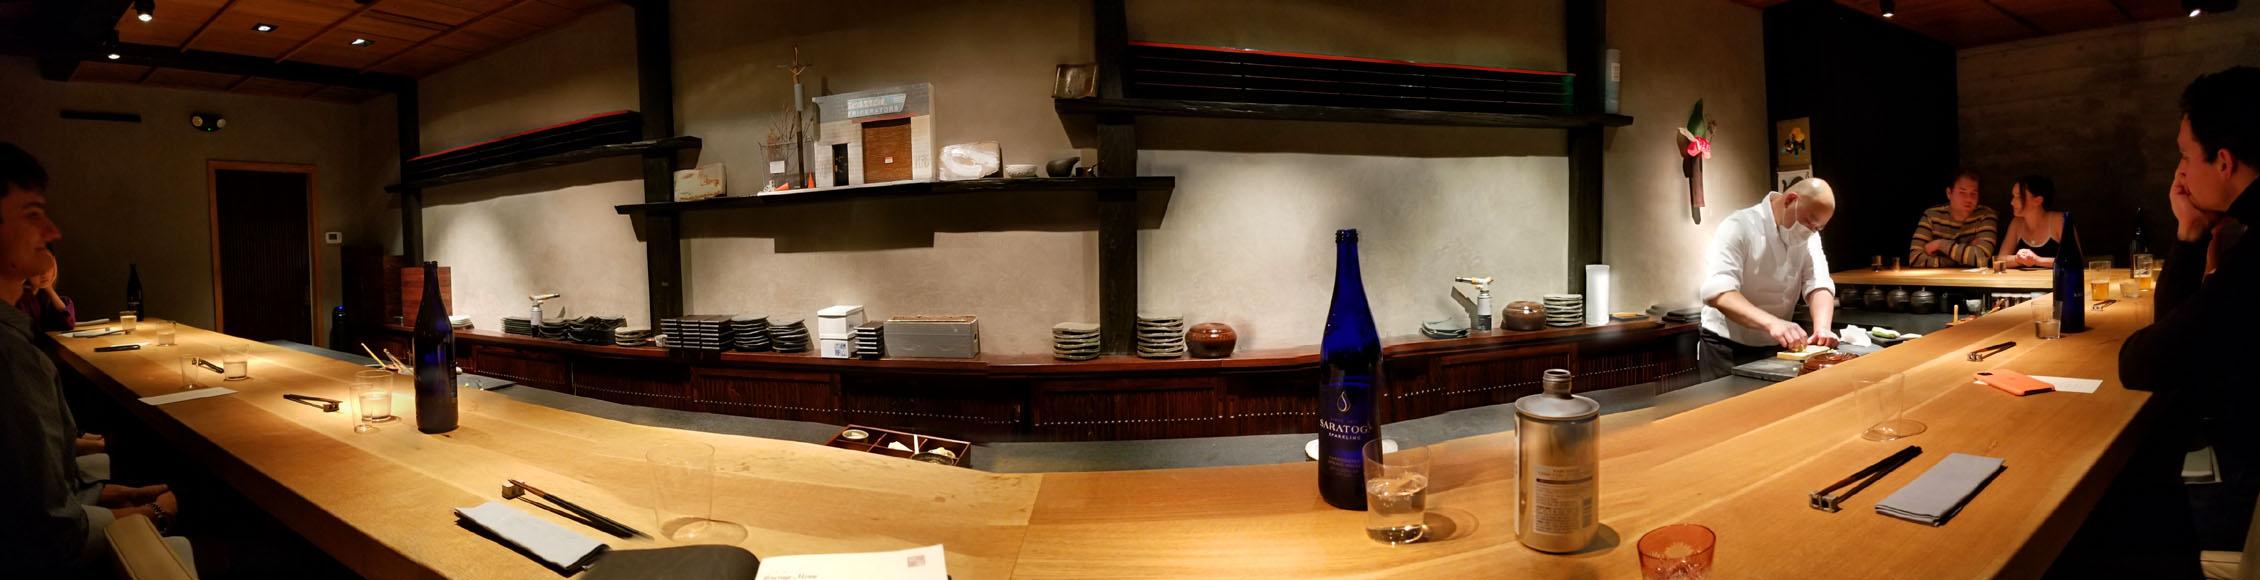 Hiroki Sushi Counter